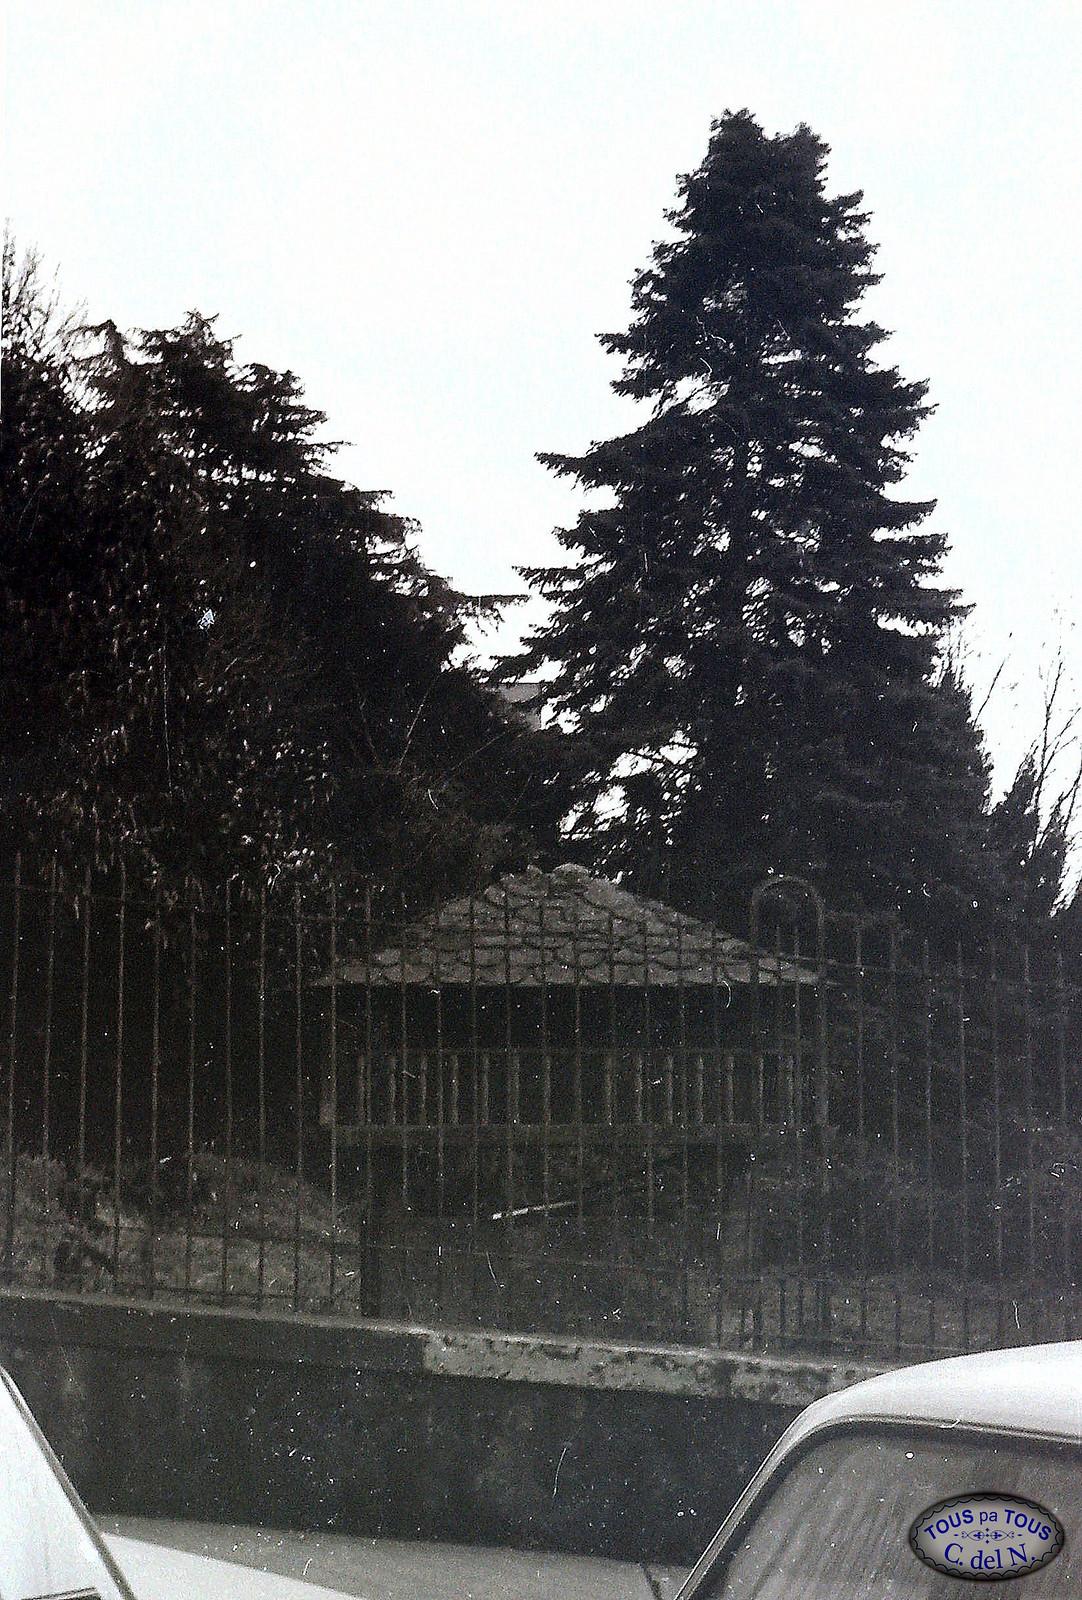 1985 - Hórreo y jardín de La Reguerala